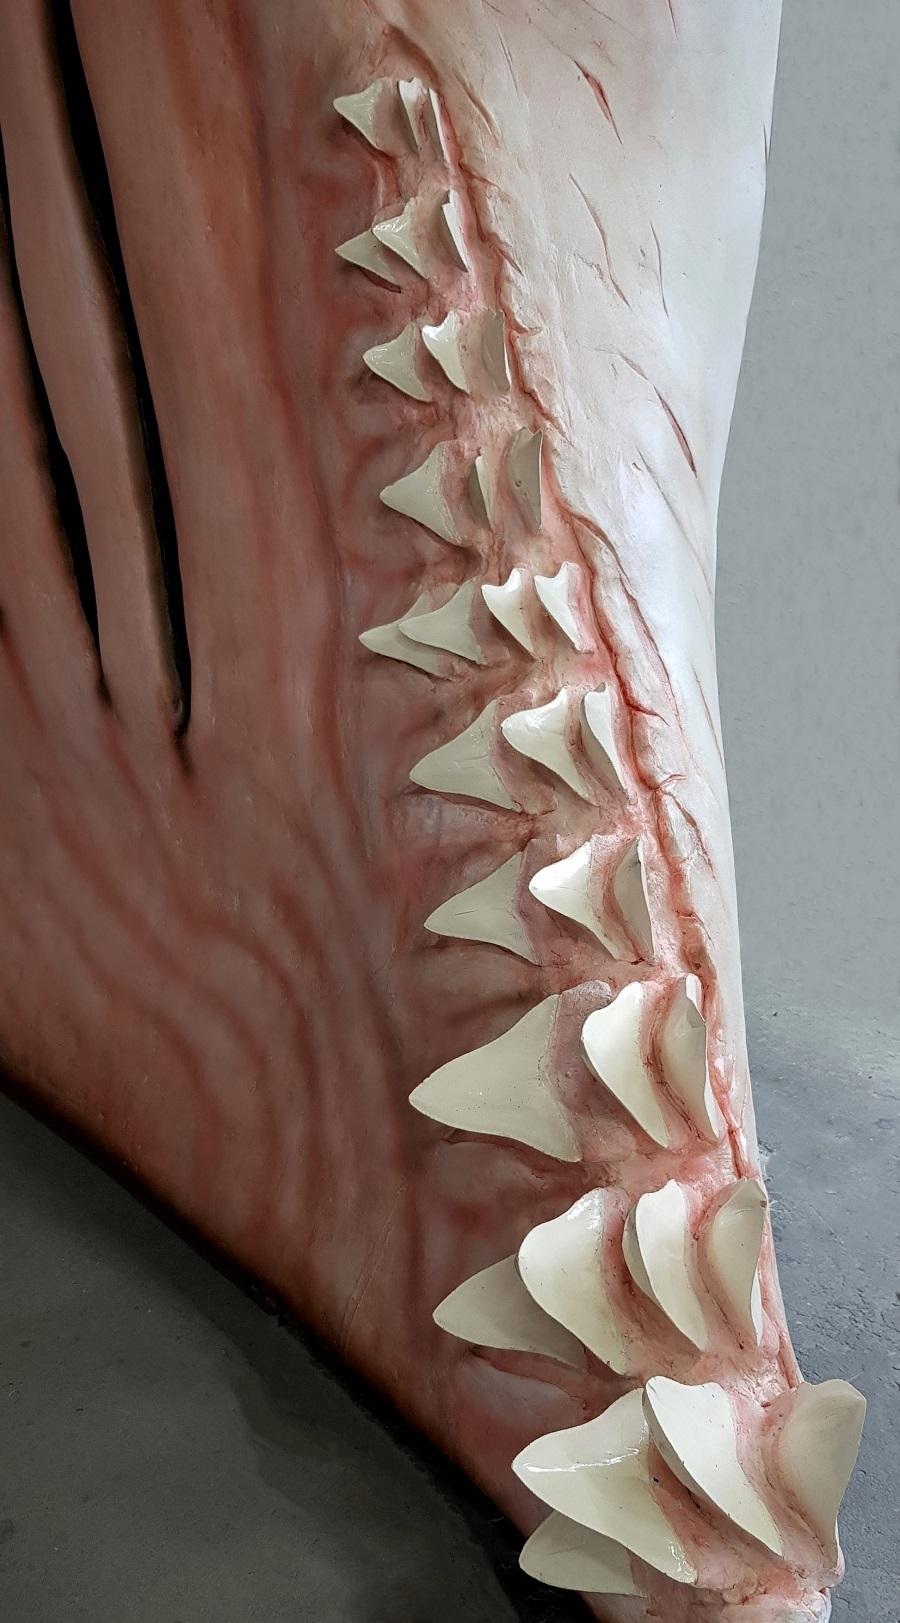 Siliconen rubber haaientanden. Er zijn verschillende mallen gemaakt van echte haaientanden, deze zijn vervolgens gegoten in siliconen rubber